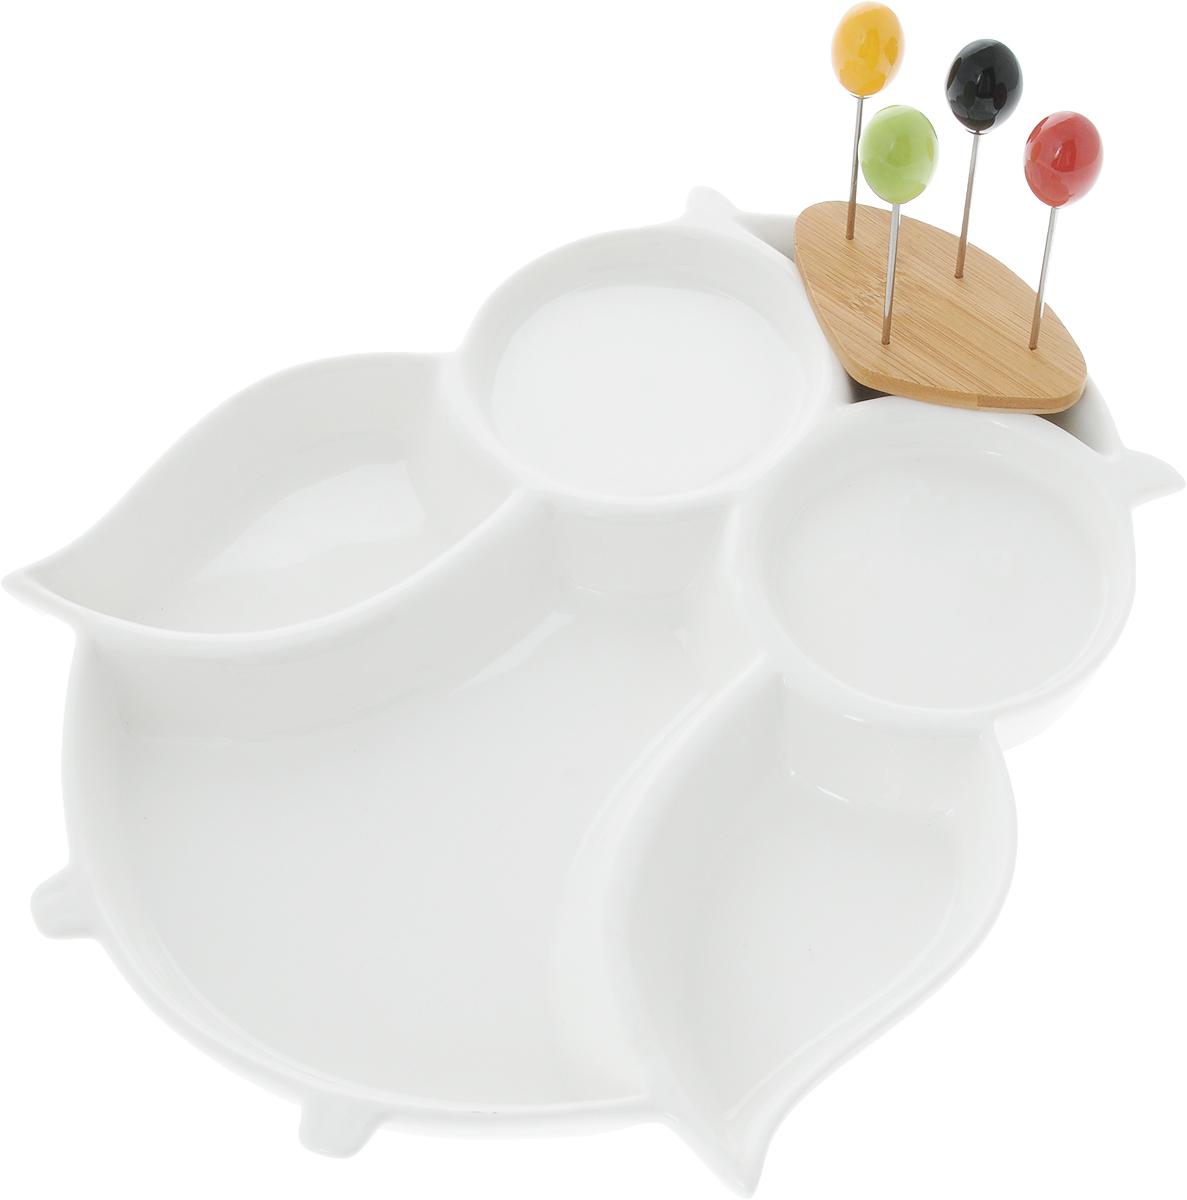 Менажница Elan Gallery Сова, со шпажками, 5 секциий115510Менажница Elan Gallery Сова изготовлена из керамики и предназначена для подачи сразу нескольких видов закусок, нарезок или соусов. В комплект также входят 4 разноцветные шпажки, которые вставляются в деревянную подставку.Менажница Elan Gallery Сова станет настоящим украшением праздничного стола и подчеркнет ваш изысканный вкус.